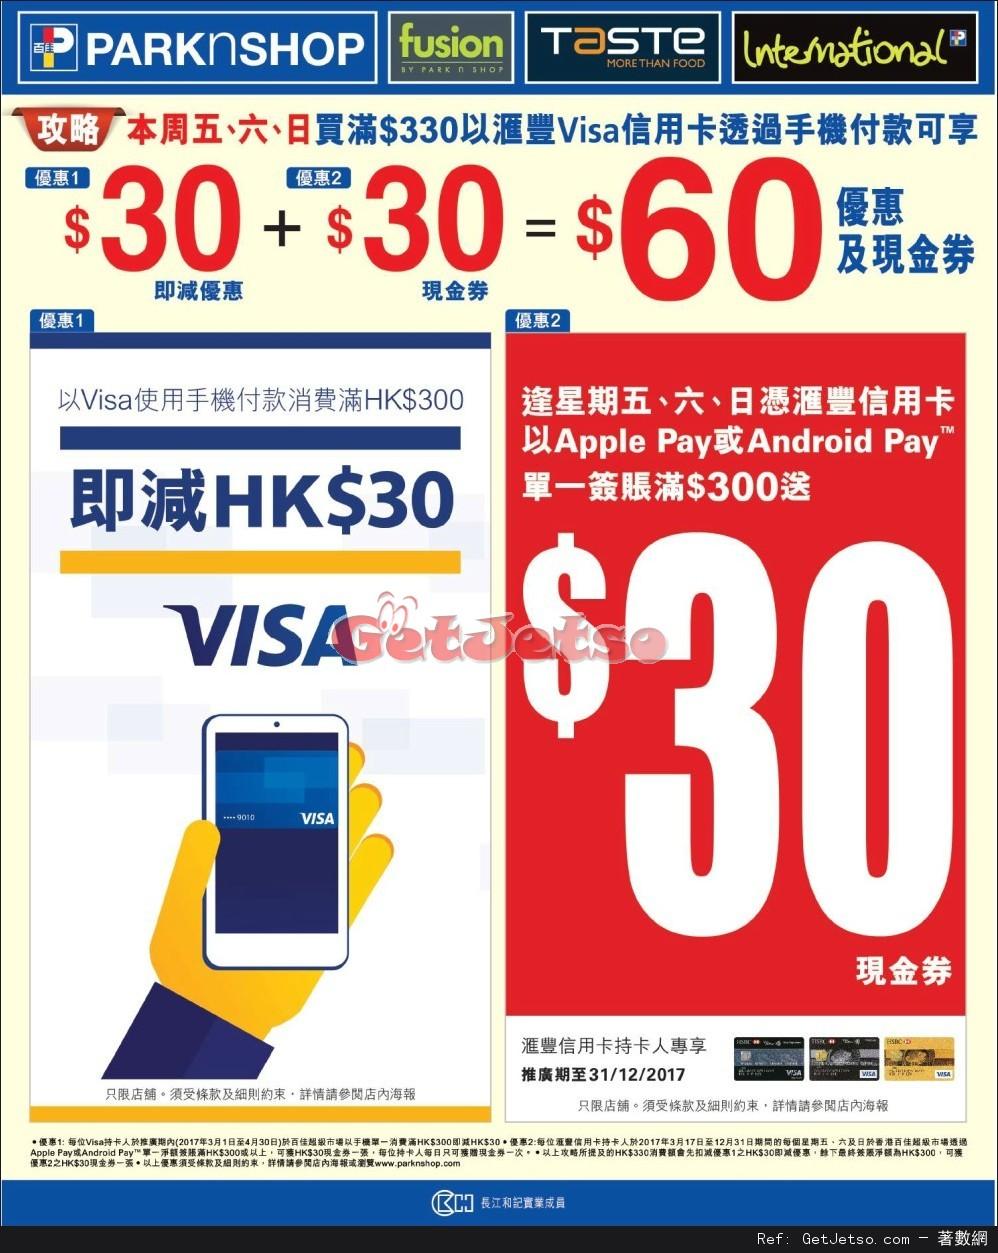 以Apple Pay/ndroid Pay消費享高達%簽賬回贈優惠@滙豐信用卡(至17年12月31日)圖片3